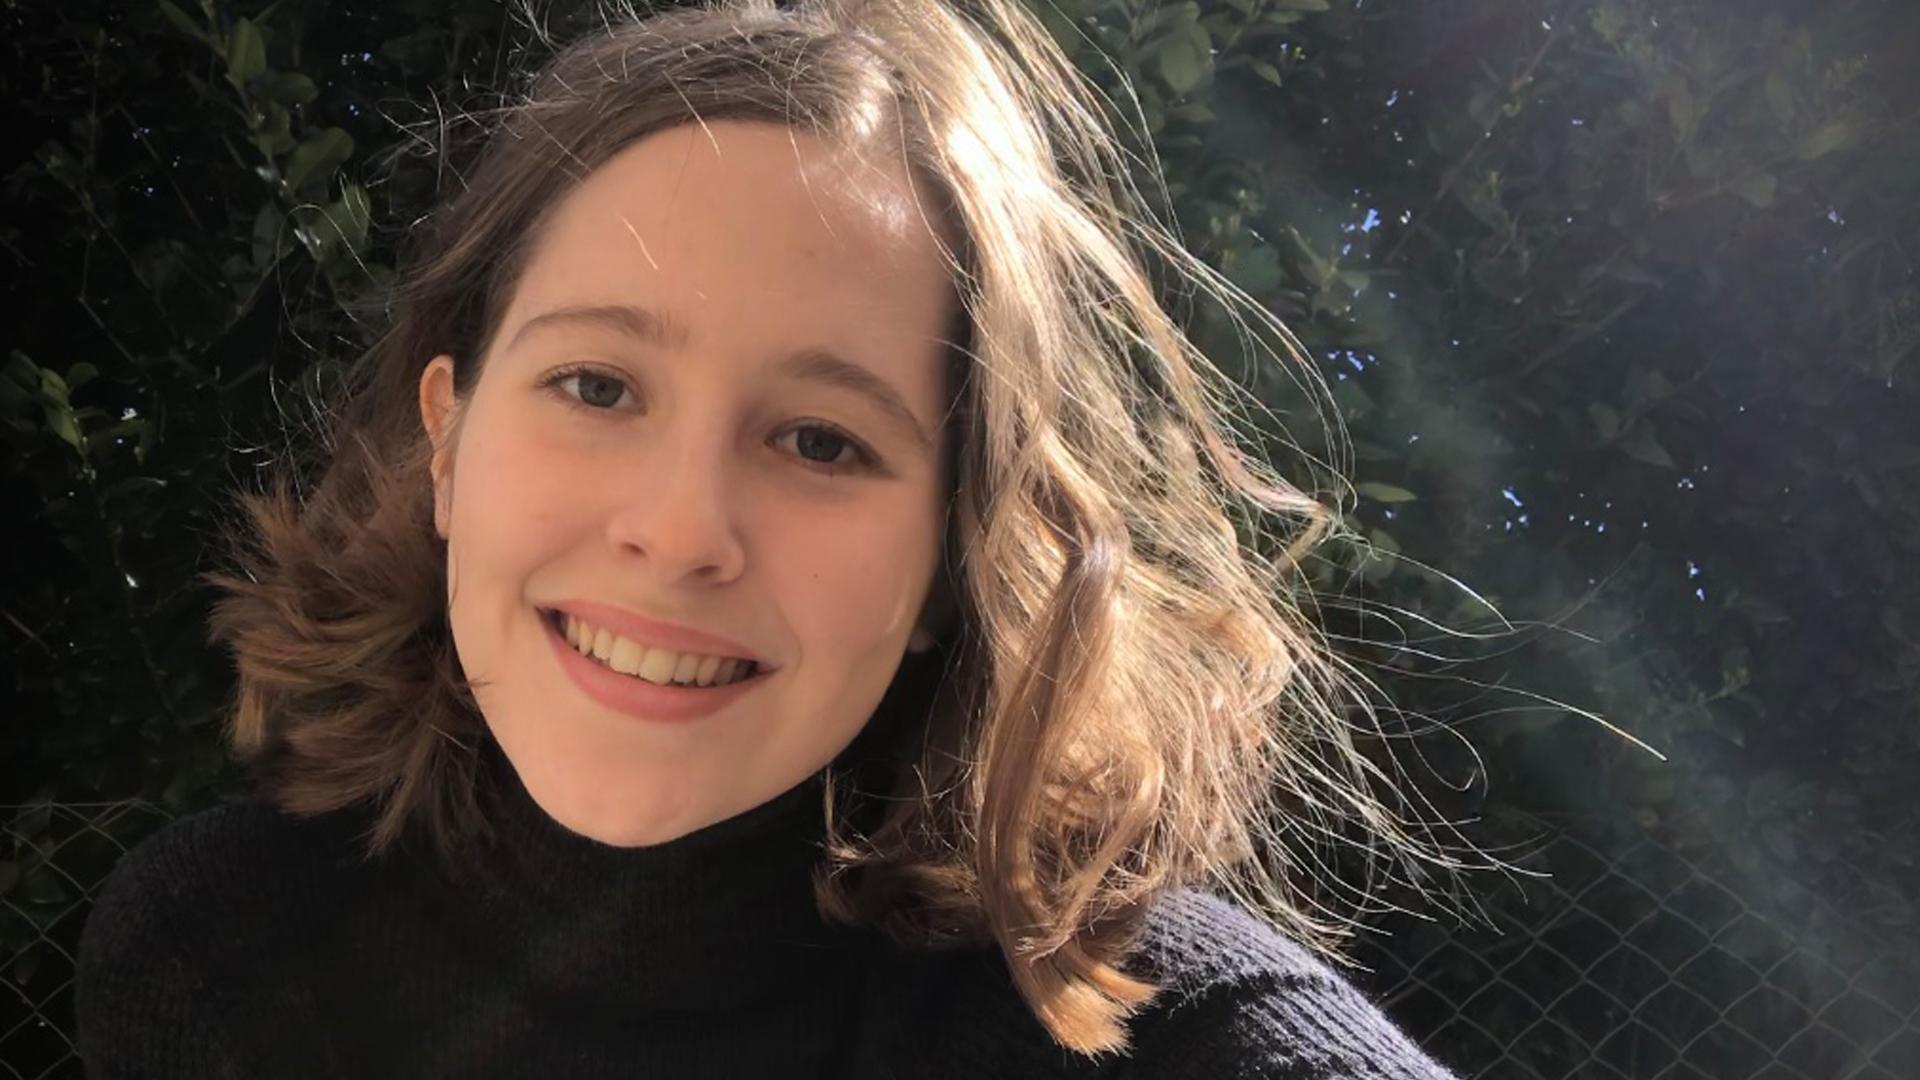 """Universos paralelos: Lara confiesa que """"casi siempre"""" escribe sobre el mundo de los niños o de los adultos. """"A veces pienso que alguien se puede preguntar qué experiencia tengo para hablar sobre ciertas cosas y no tengo respuesta"""", explica. Foto: Gentileza L.U."""